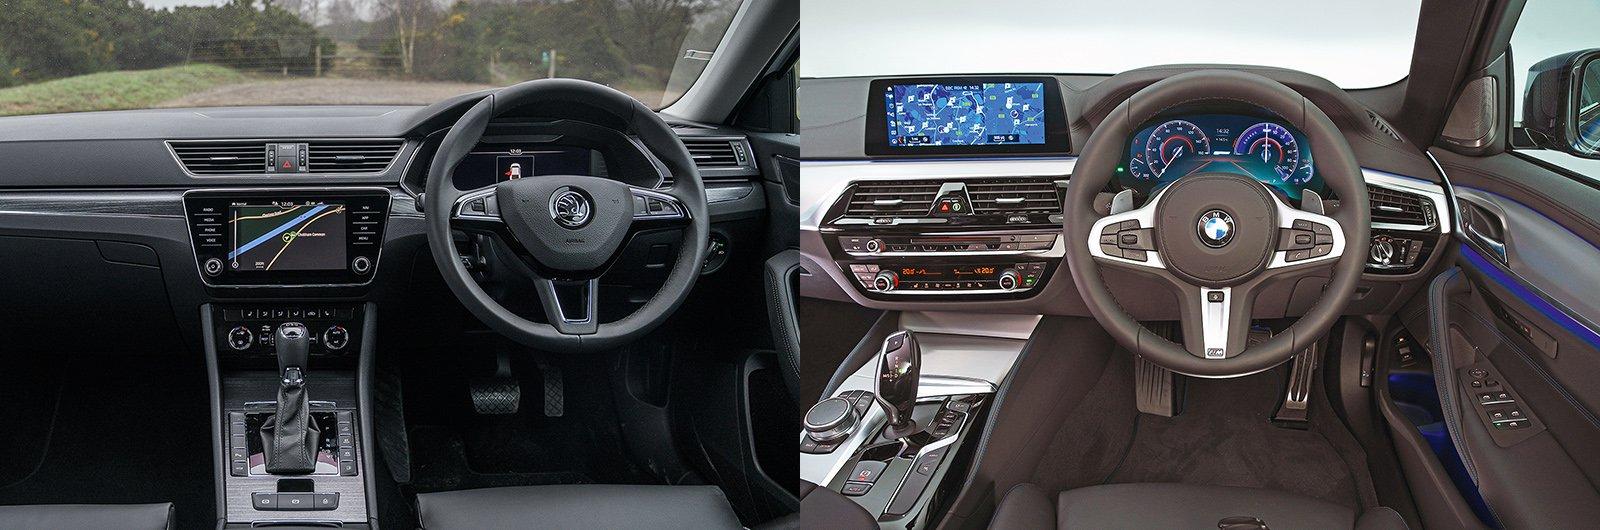 New Skoda Superb iV vs used BMW 530e: interior